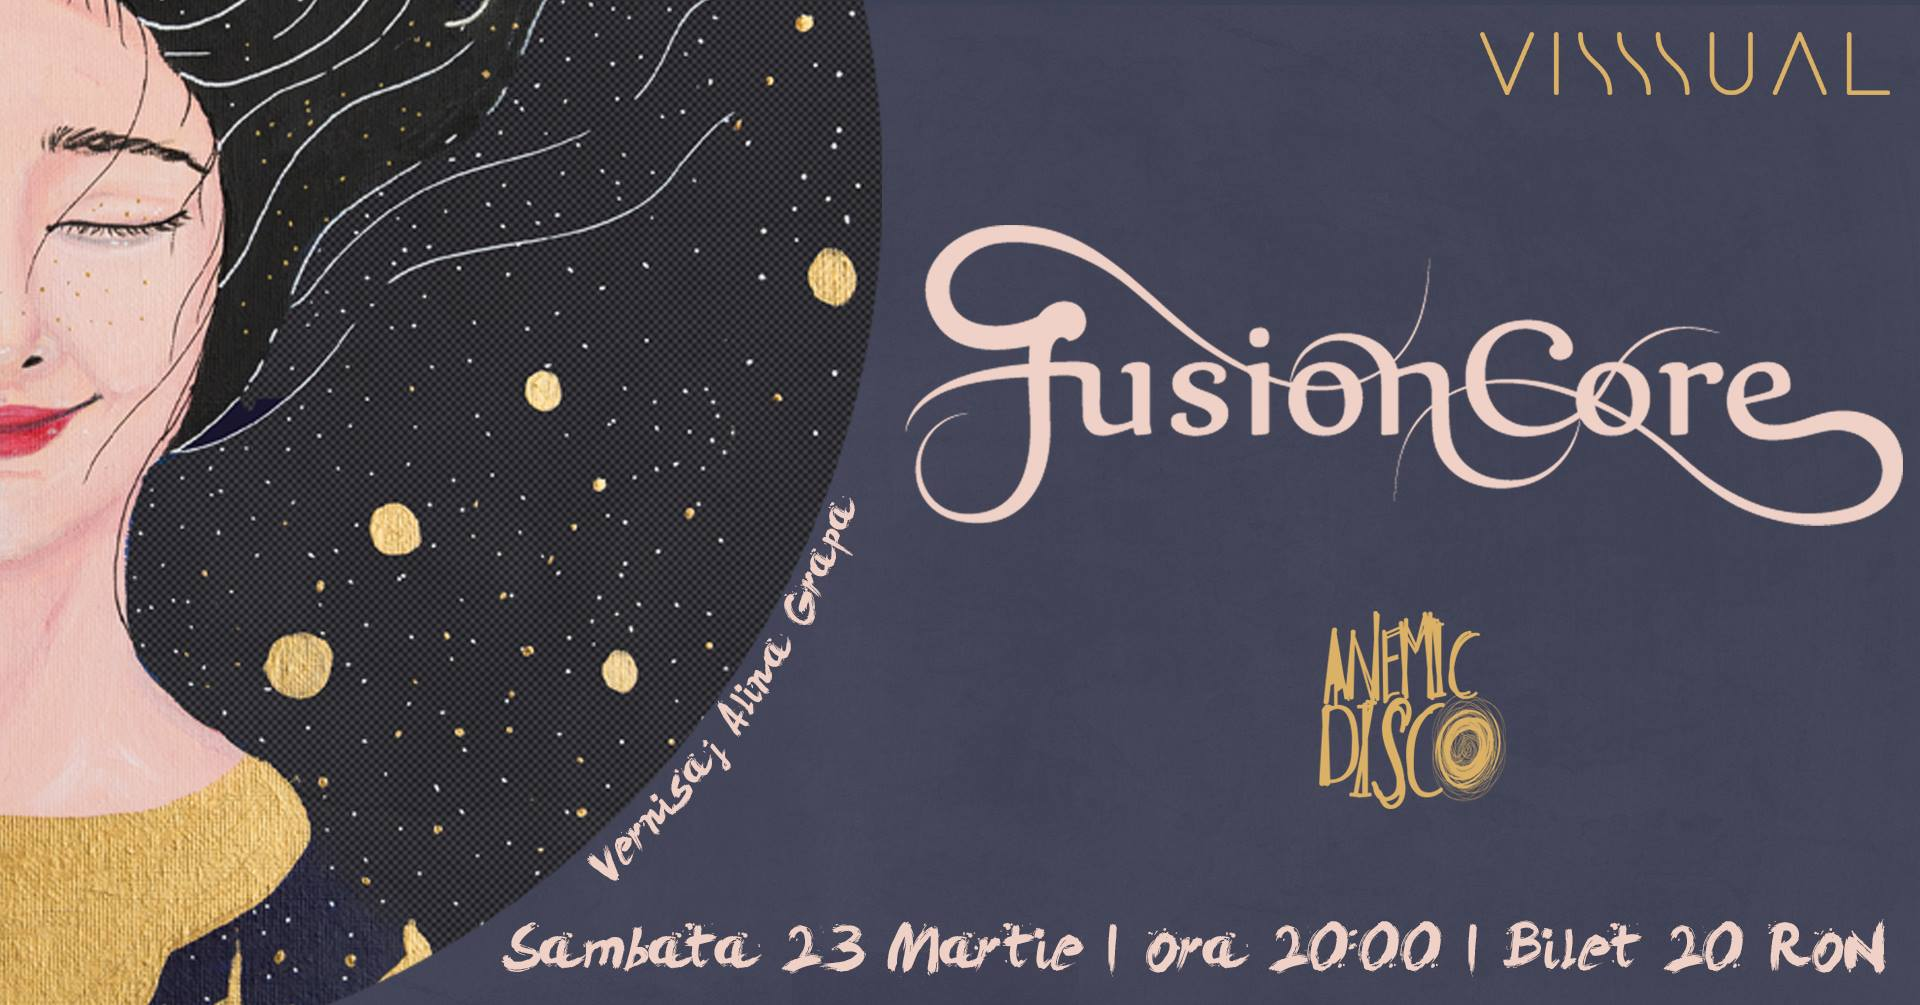 FusionCore - Visssual